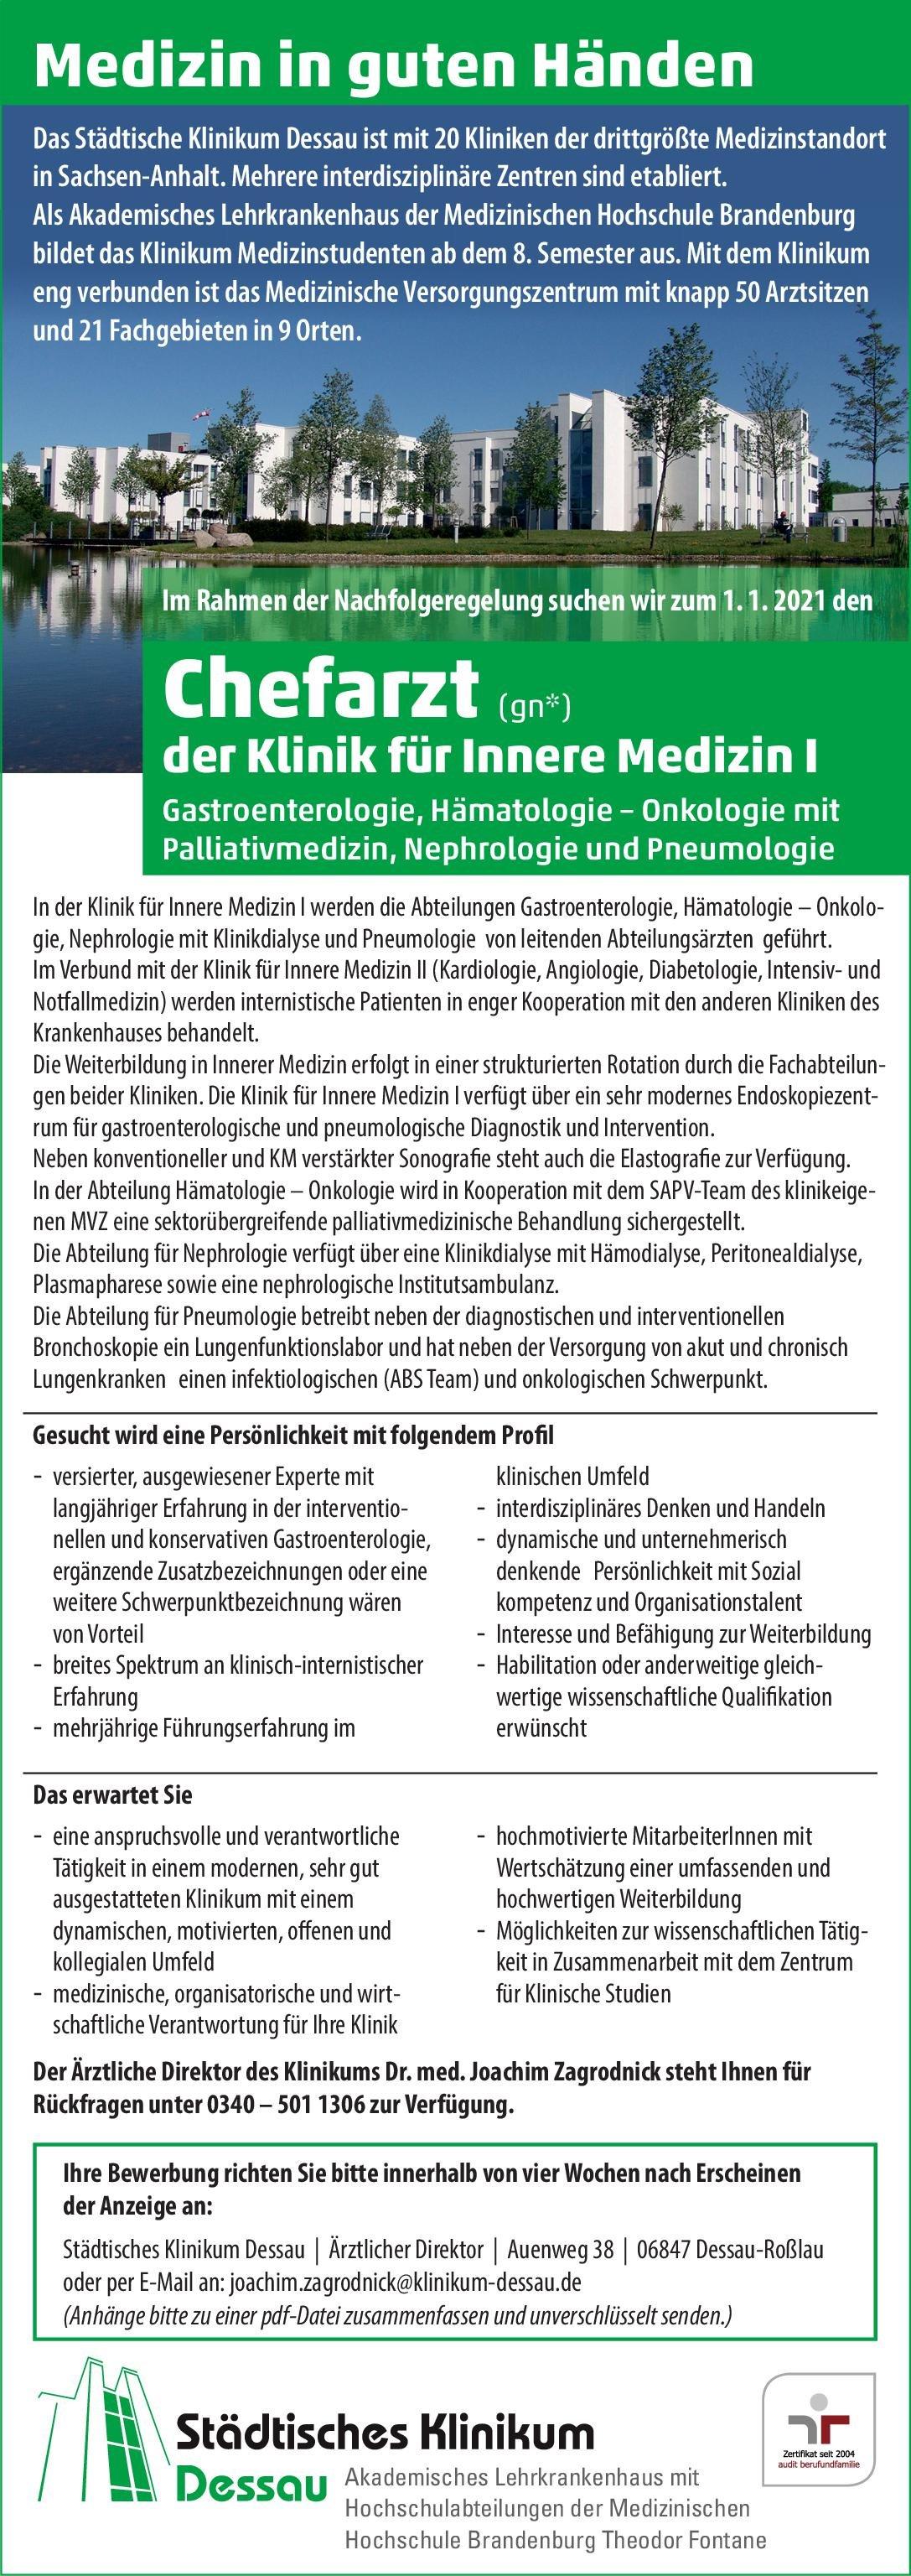 Städtisches Klinikum Dessau Chefarzt (gn*) der Klinik für Innere Medizin I  Innere Medizin und Gastroenterologie, Innere Medizin und Hämatologie und Onkologie, Innere Medizin und Nephrologie Chefarzt